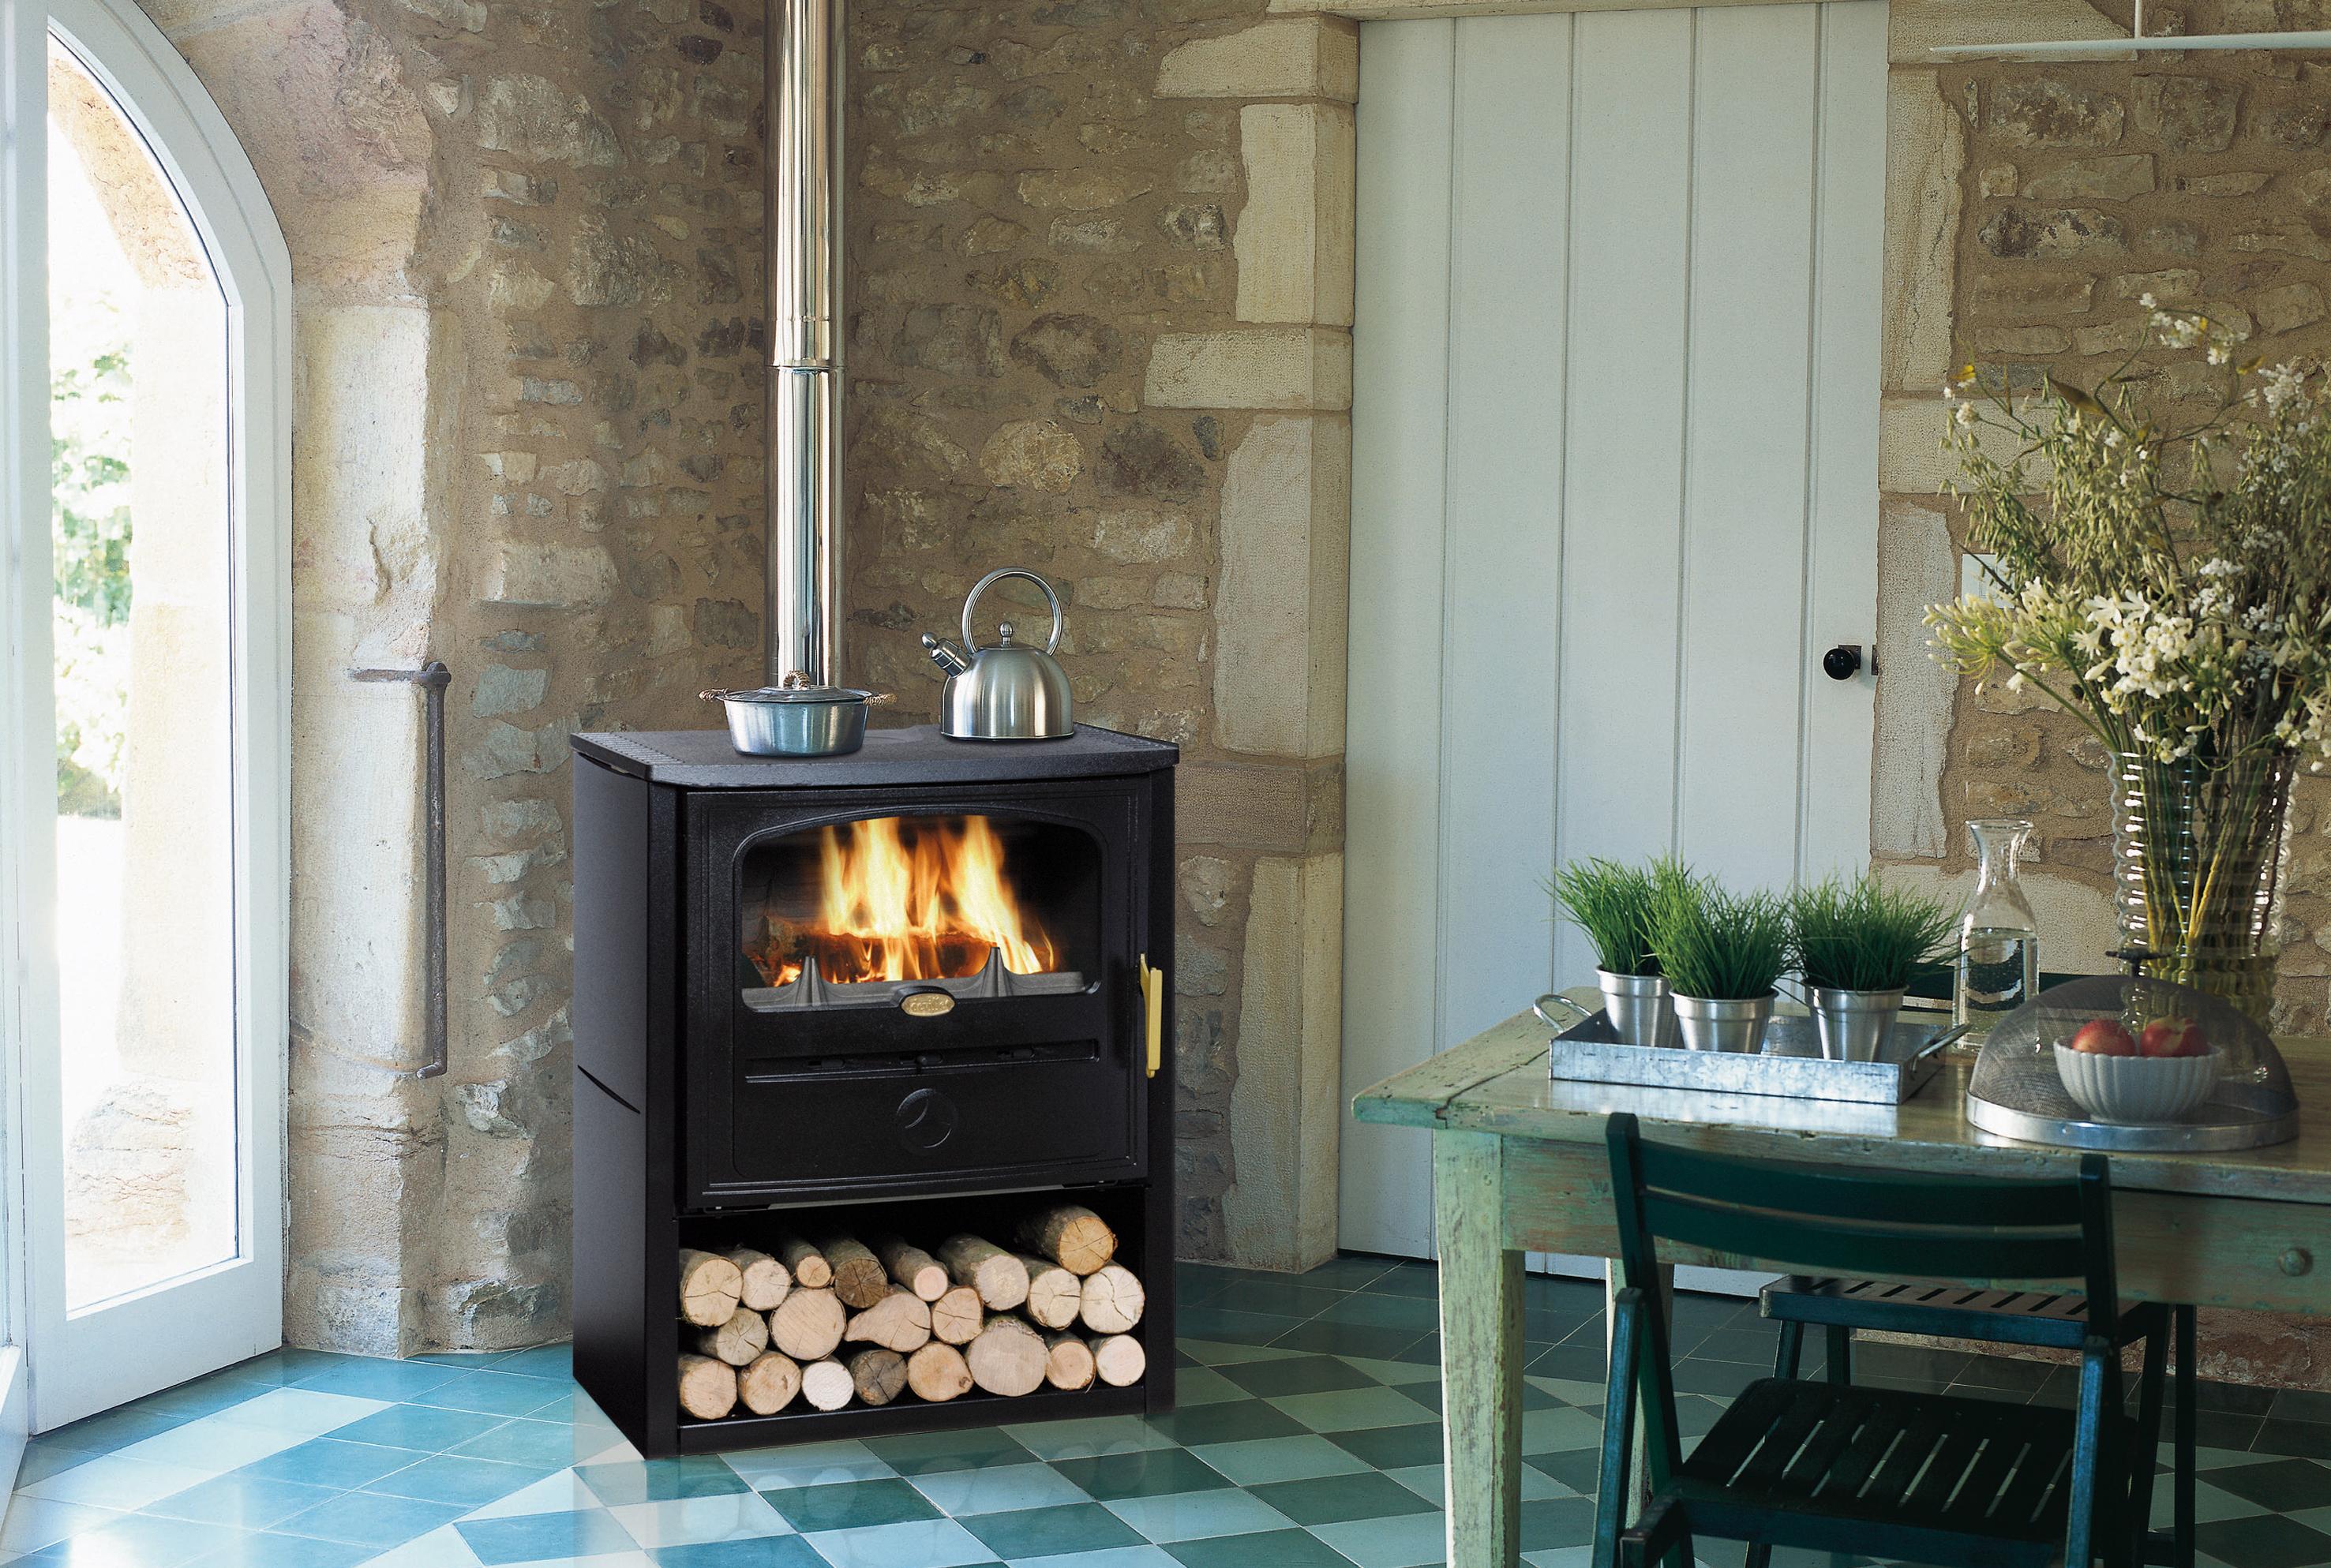 Vendita stufe a legna pellet gas e elettriche vieni a - Stufe piccole a legna ...